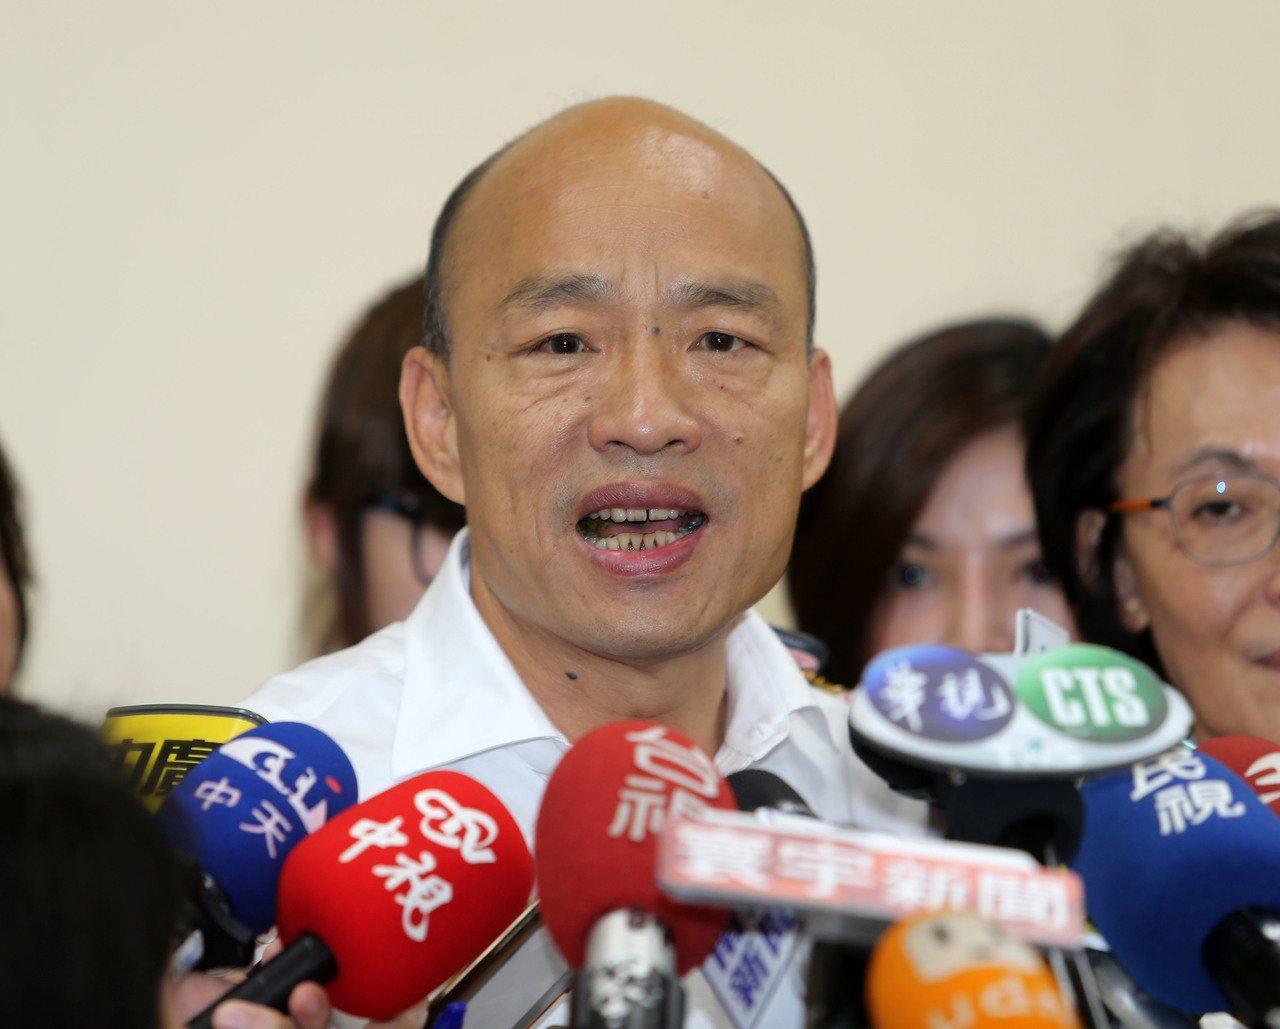 高雄市連續兩天發生治安事件,驚動中央。高雄市長韓國瑜今天表示,已對事發轄區的前鎮...